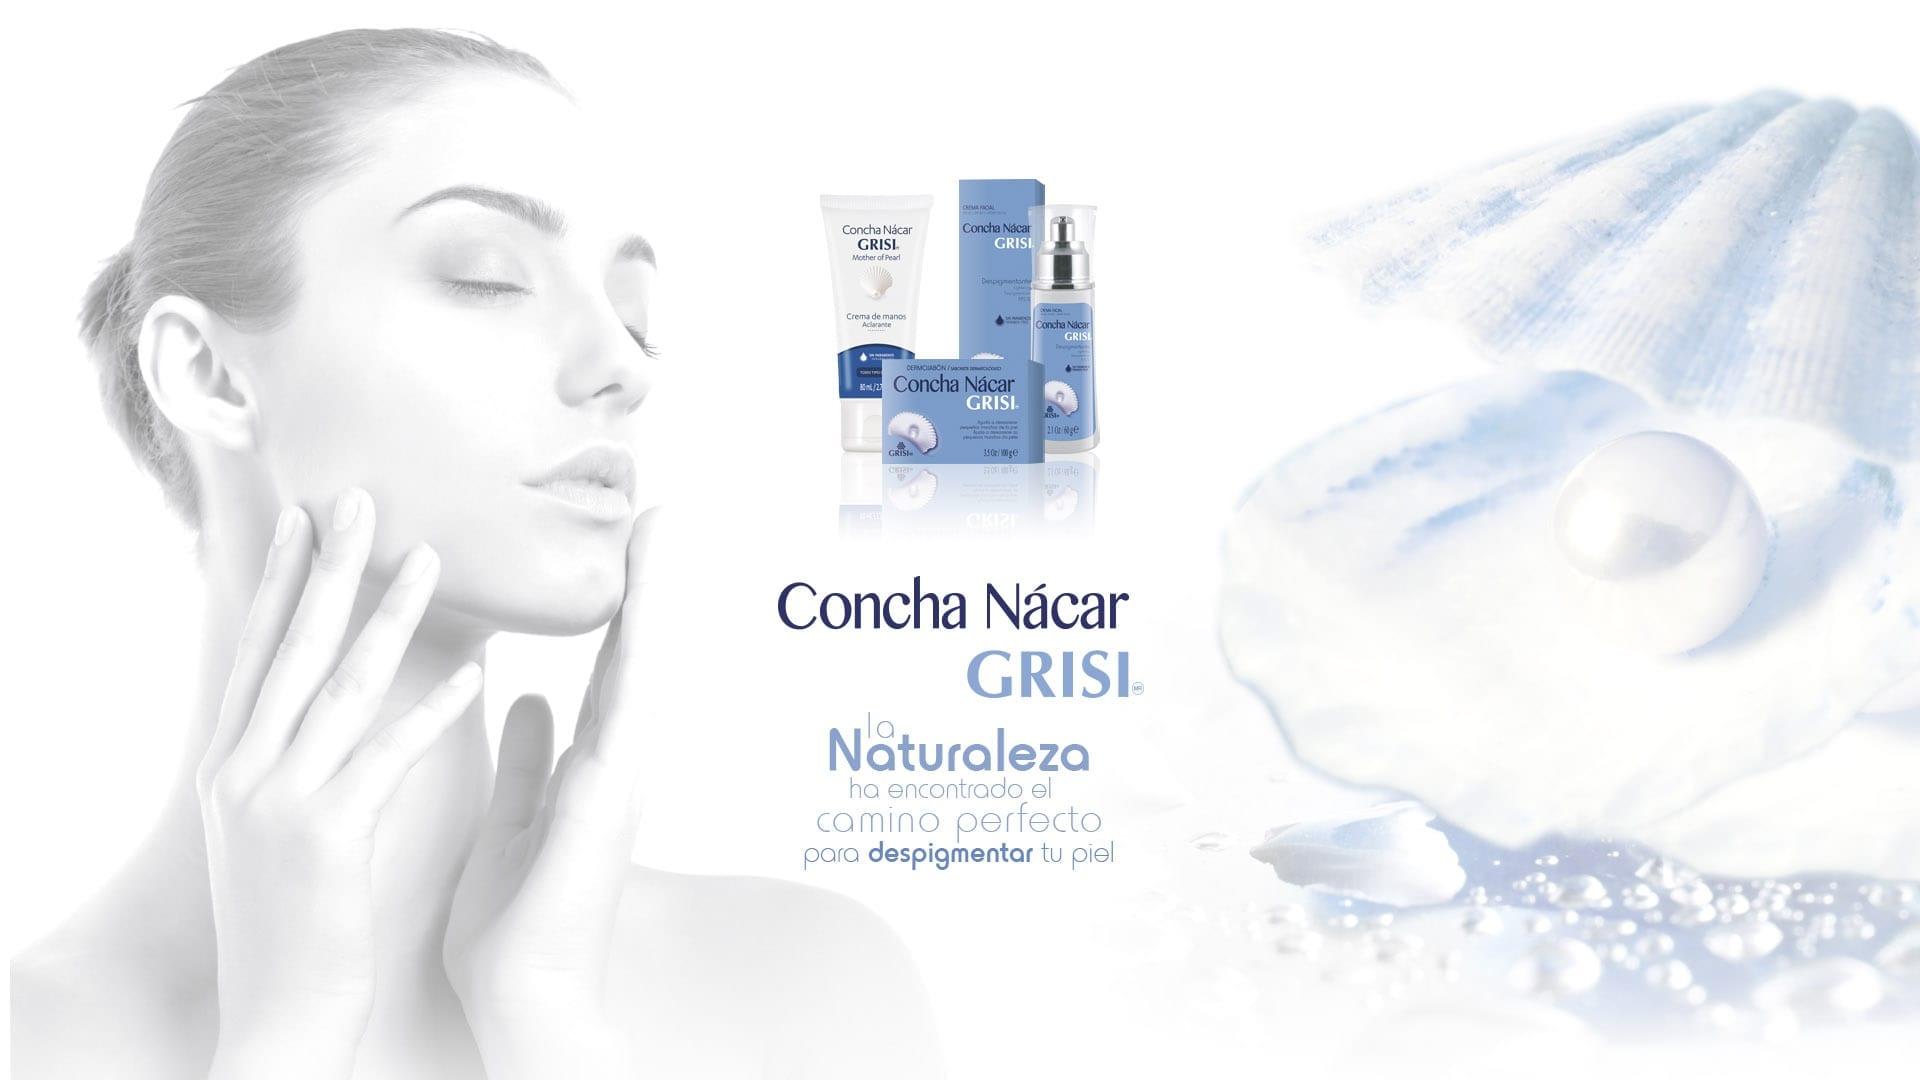 Concha Nácar